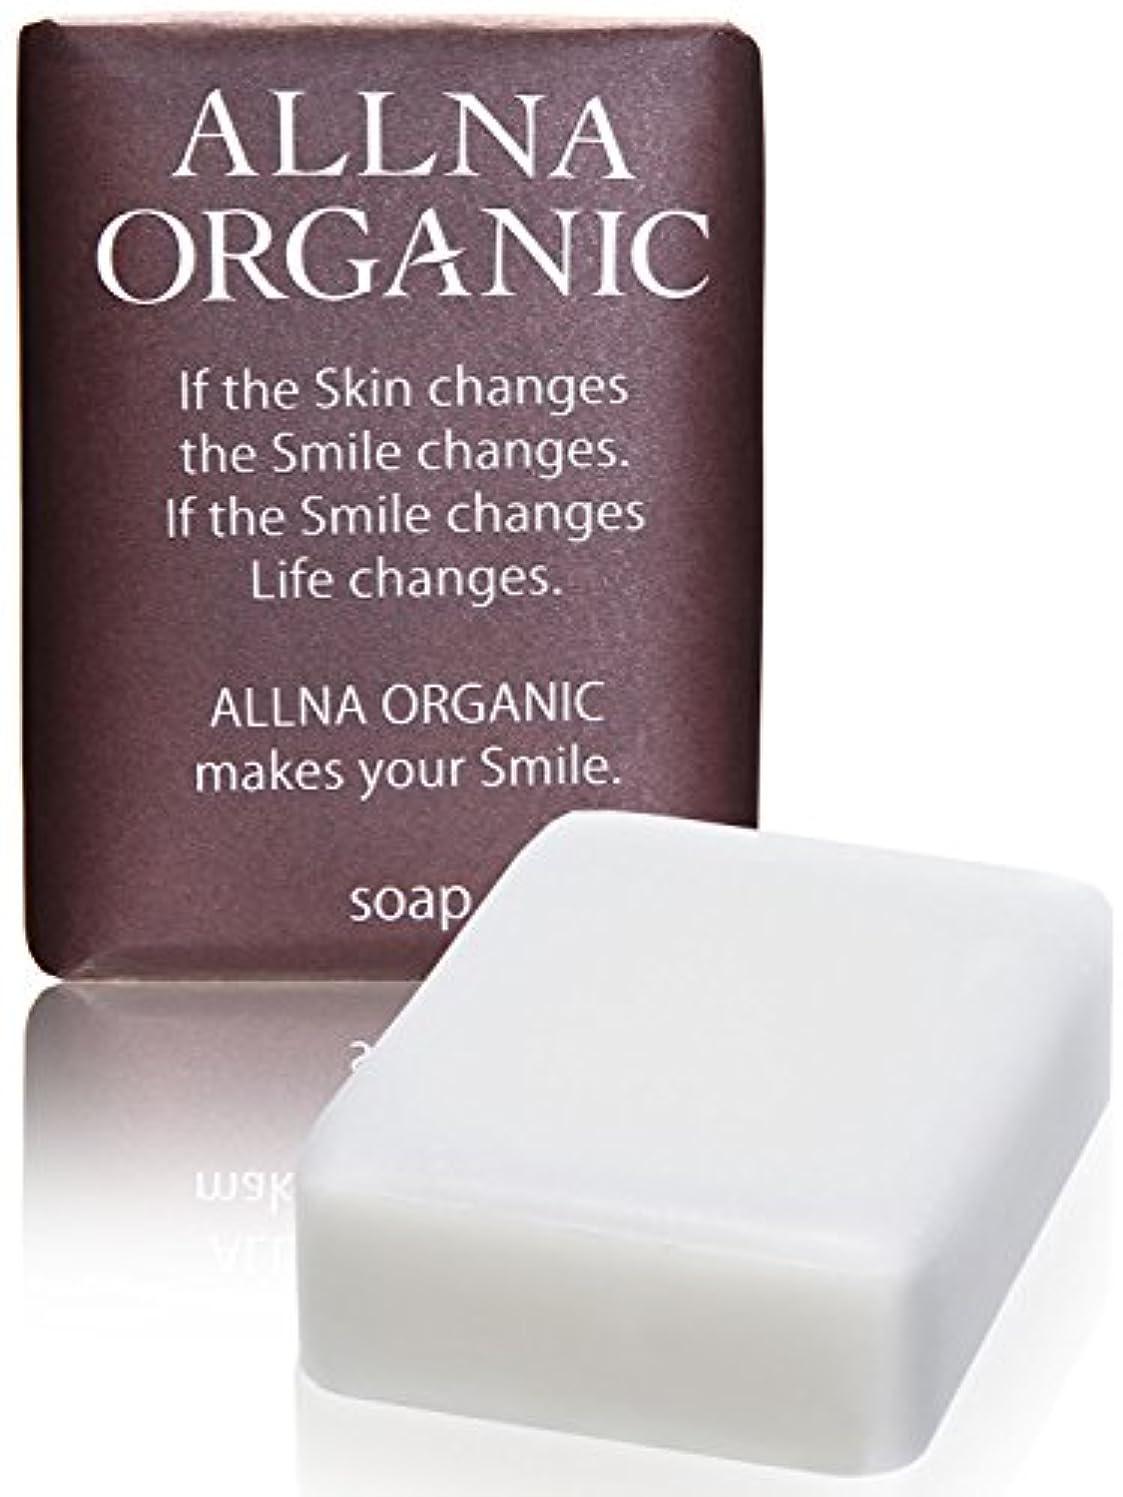 ホームレス対処母性オルナ オーガニック 石鹸 「 無添加 敏感 肌用 毛穴 対策 洗顔石鹸 」「 コラーゲン 3種 + ヒアルロン酸 4種 + ビタミンC 4種 + セラミド 配合」 保湿 固形 洗顔 せっけん バスサイズ 100g